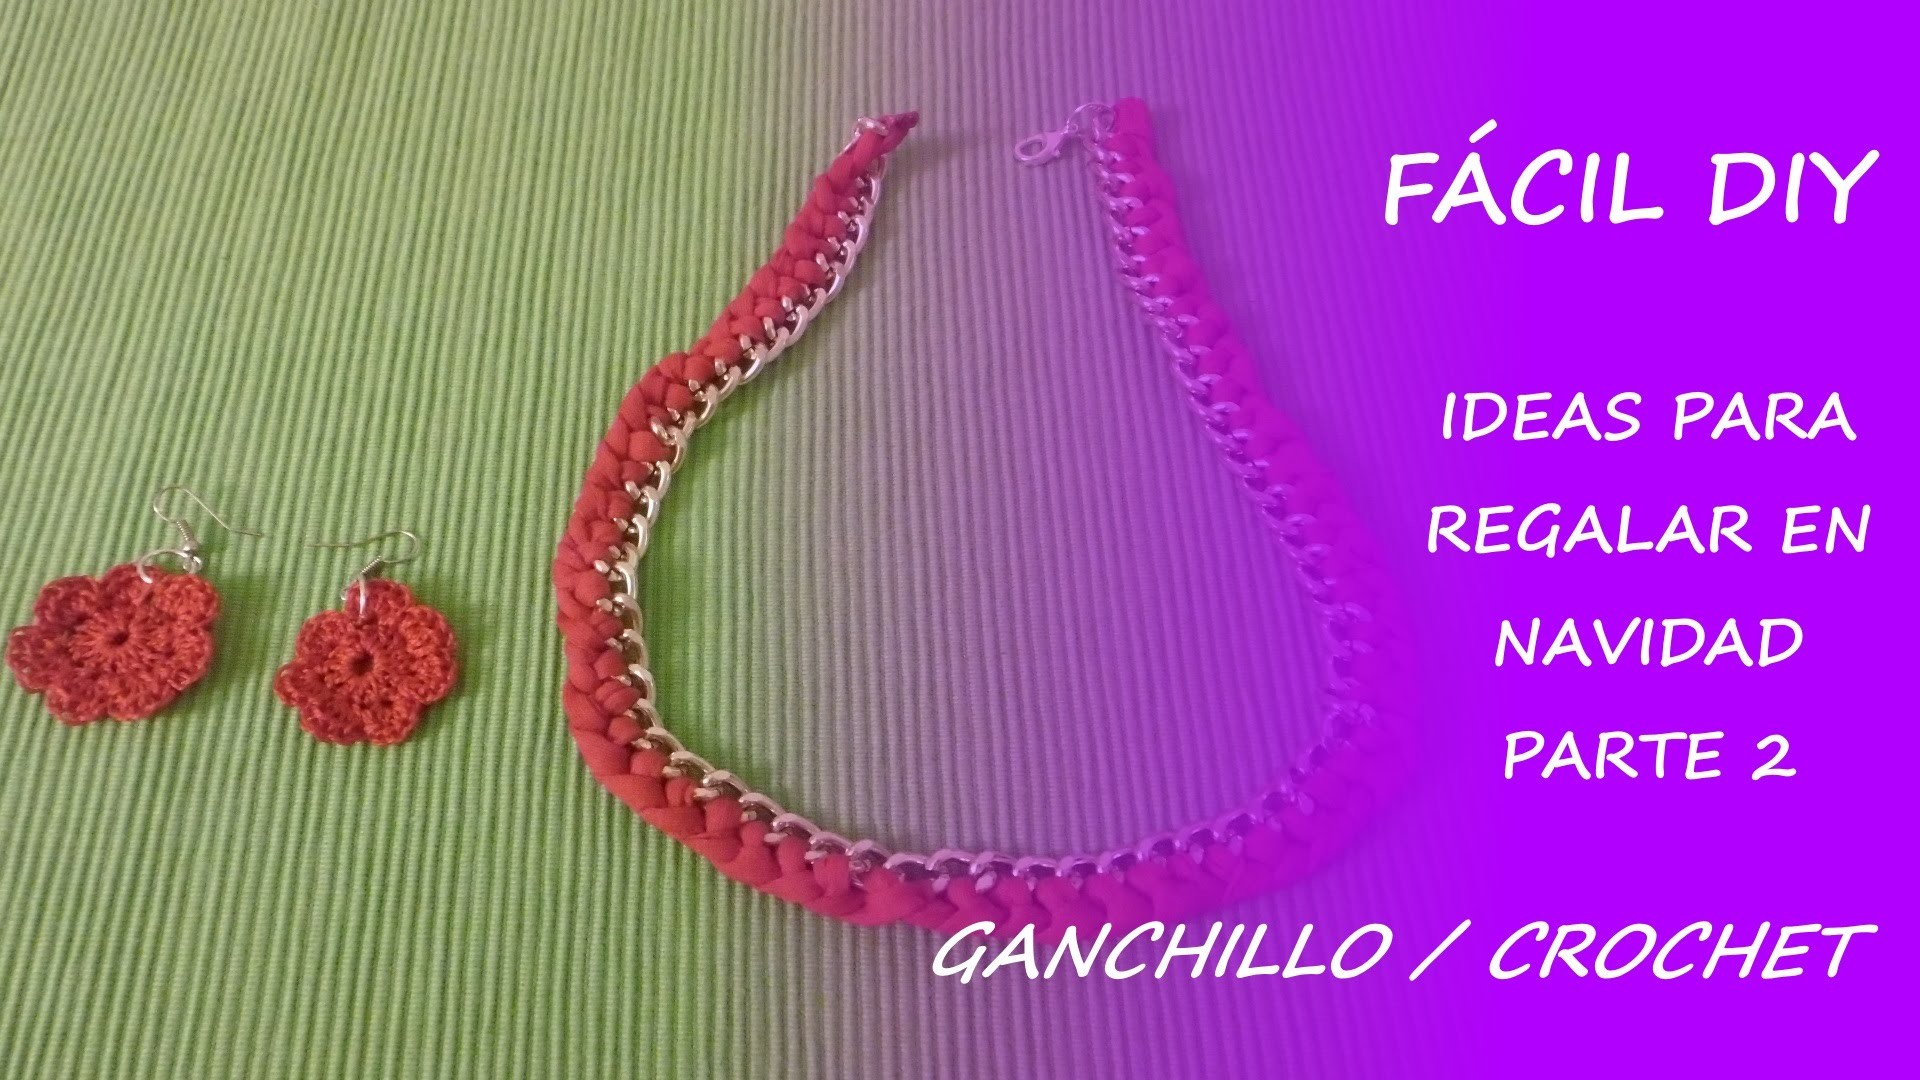 Ideas para regalar en Navidad (Parte 2) - ganchillo. crochet - Fácil DIY